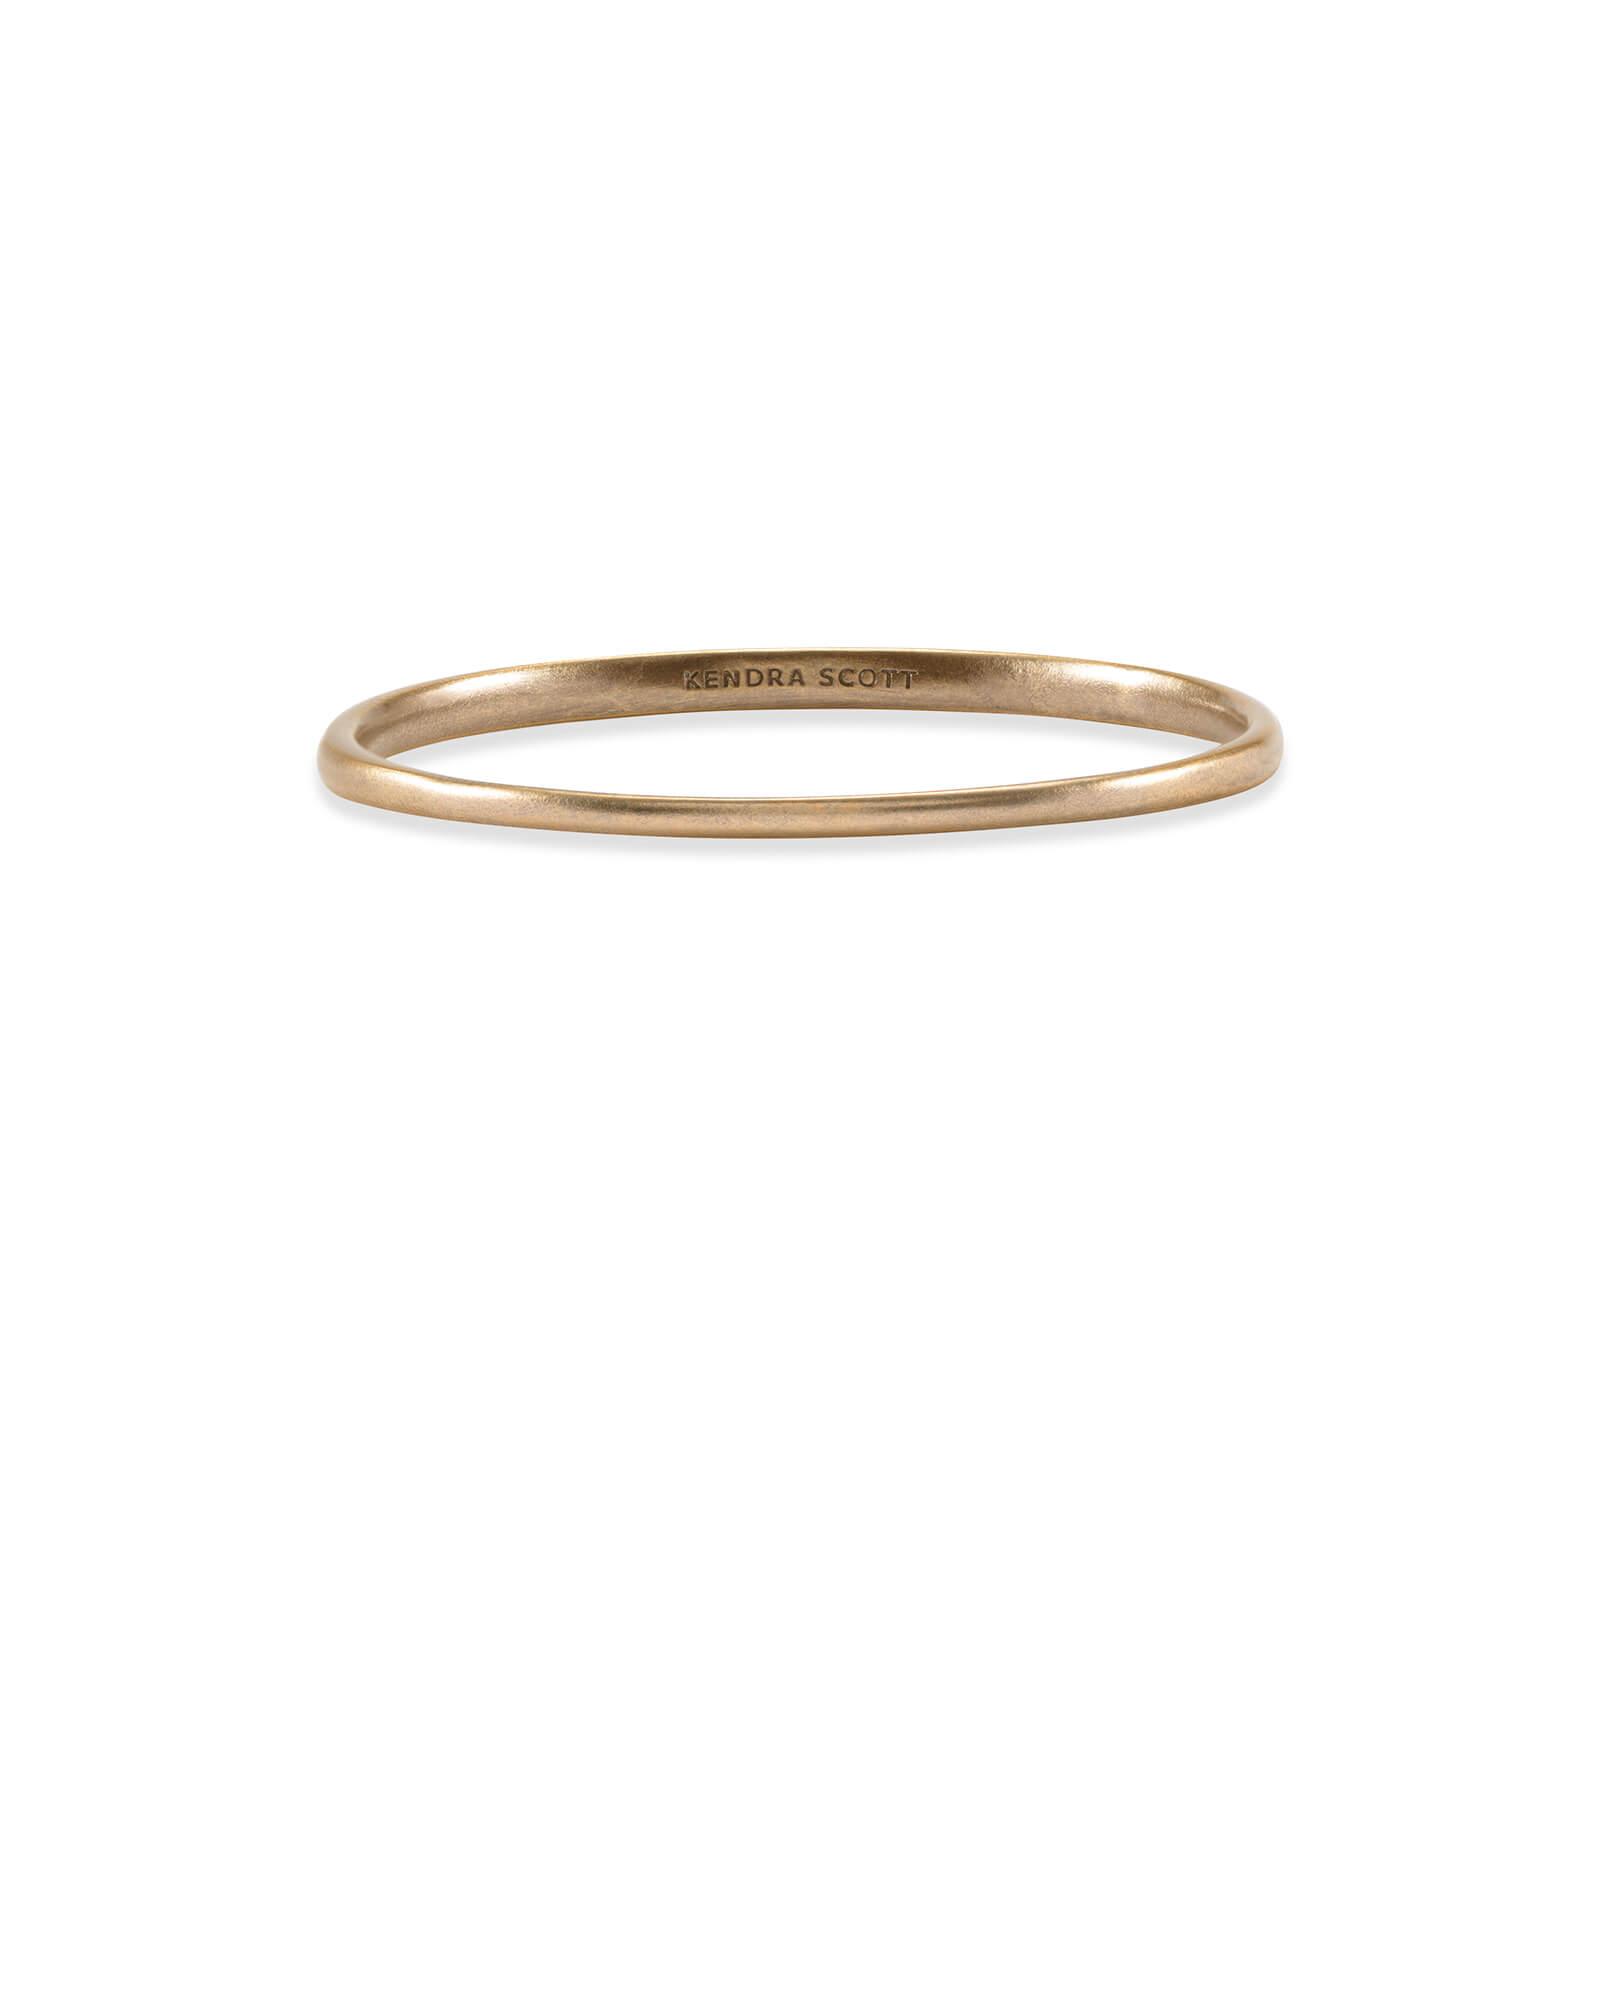 c9afd861fda4a Graduated Bangle Bracelet in Vintage Gold | Kendra Scott